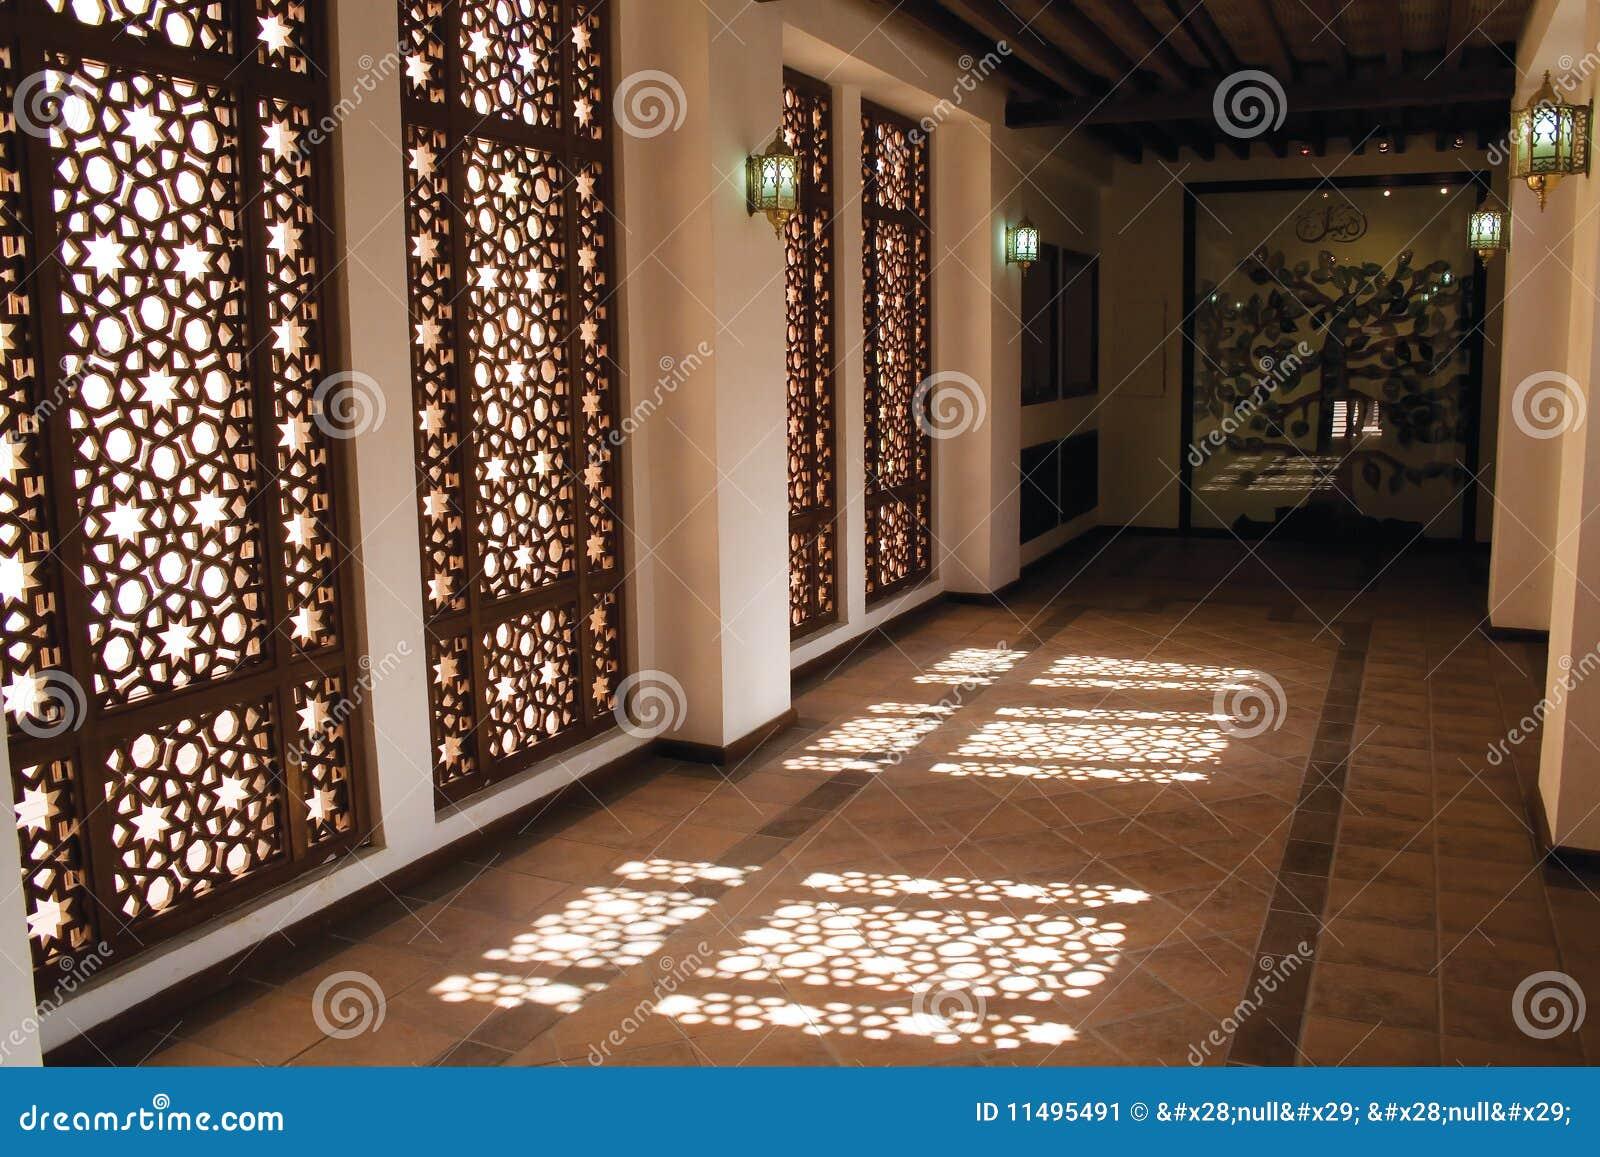 Arabic Mashrebia Window and Corridor